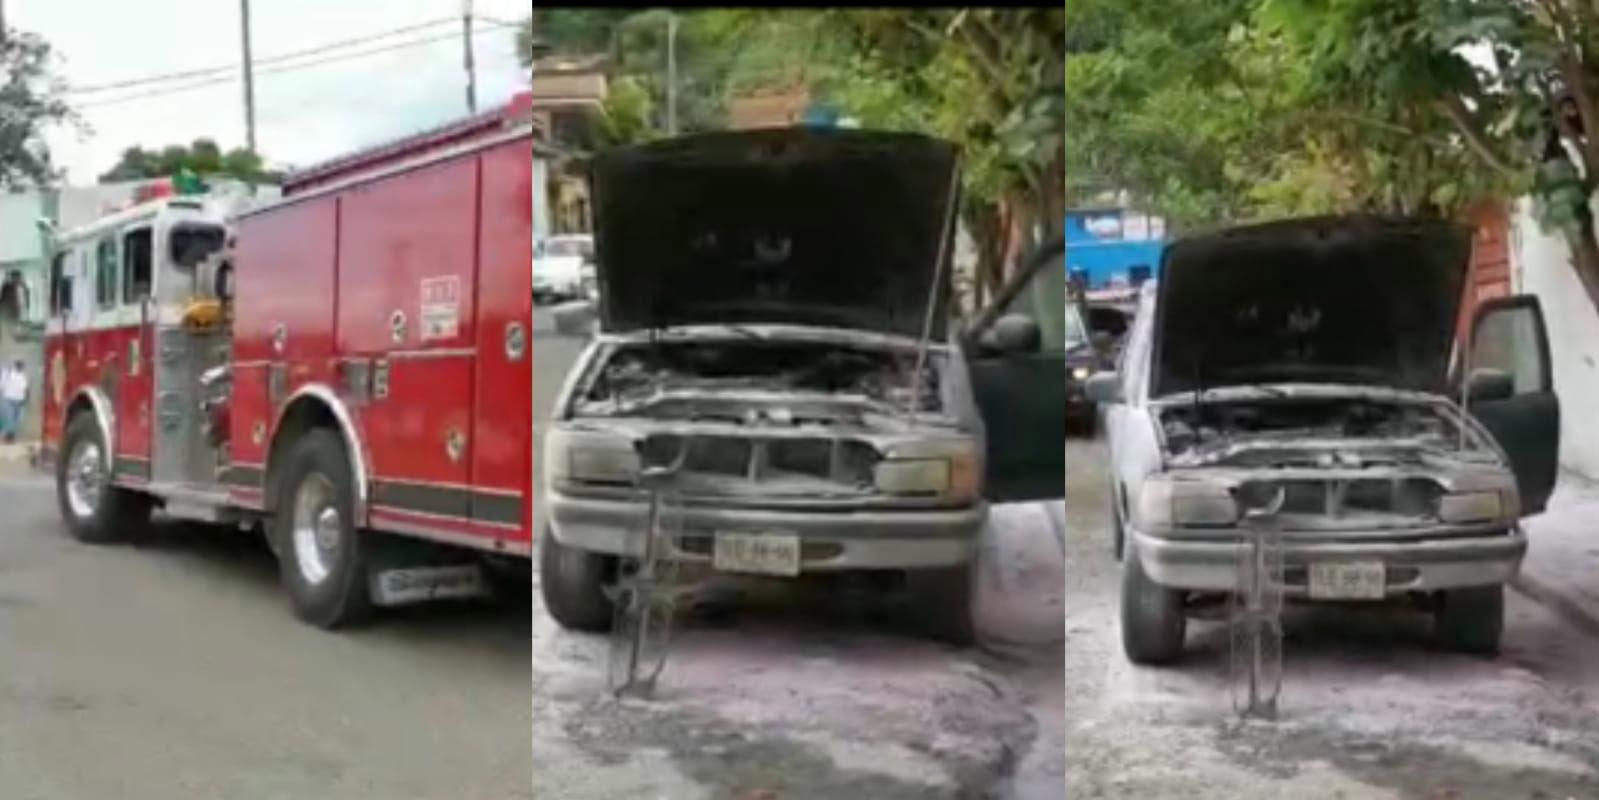 Se incendia camioneta frente al Museo del Ferrocarril   El Imparcial de Oaxaca